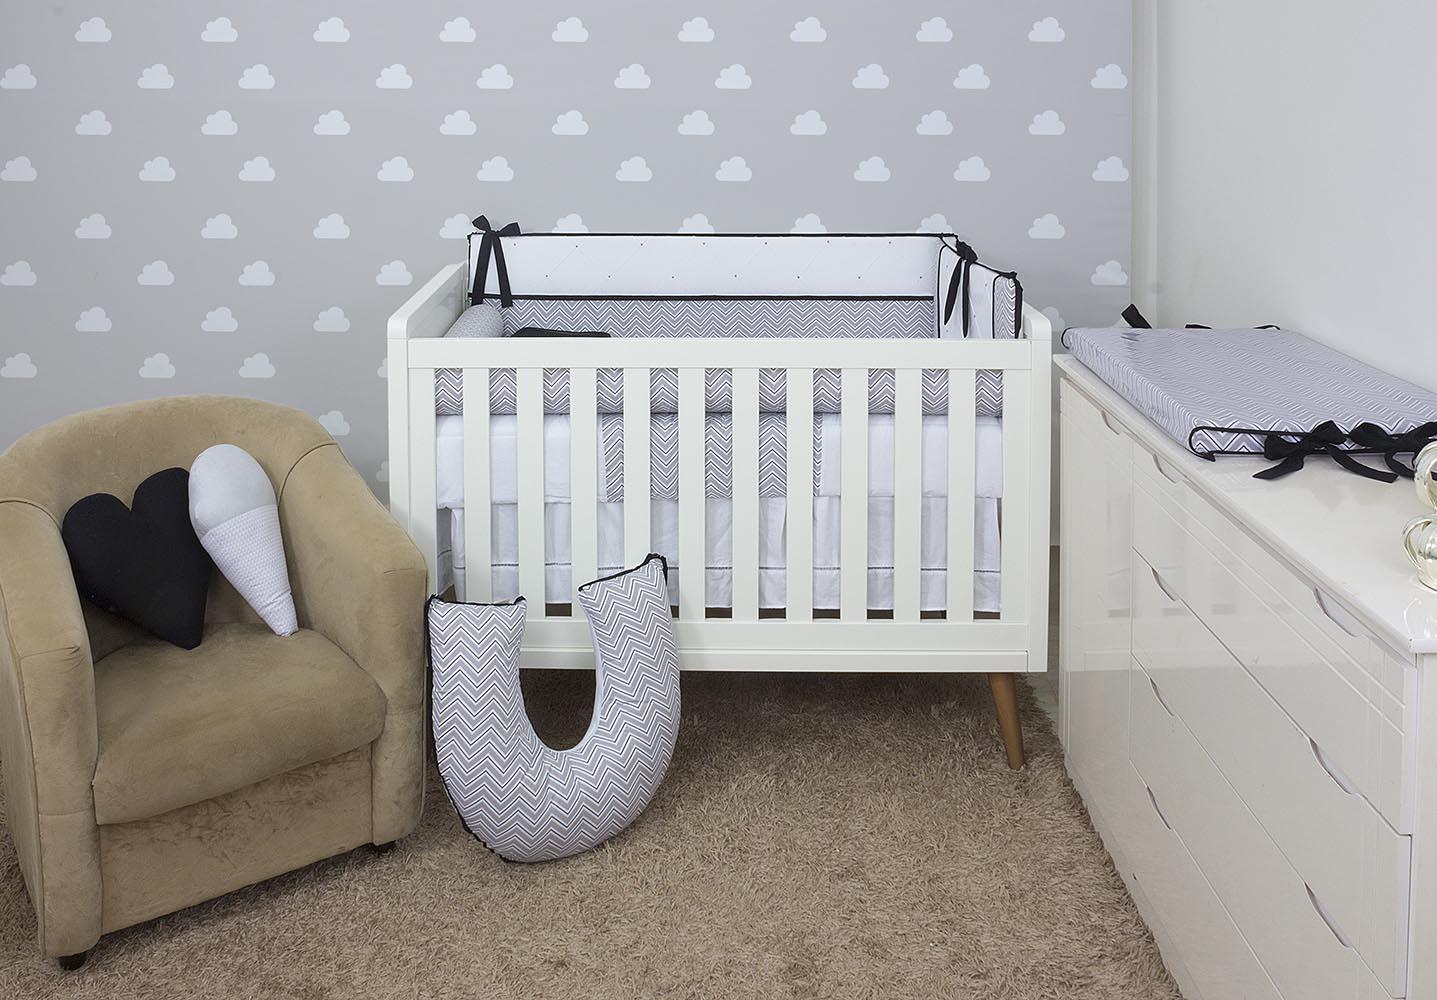 Kit de Berço Chevron Cinza com Preto 08 Peças  - Toca do Bebê